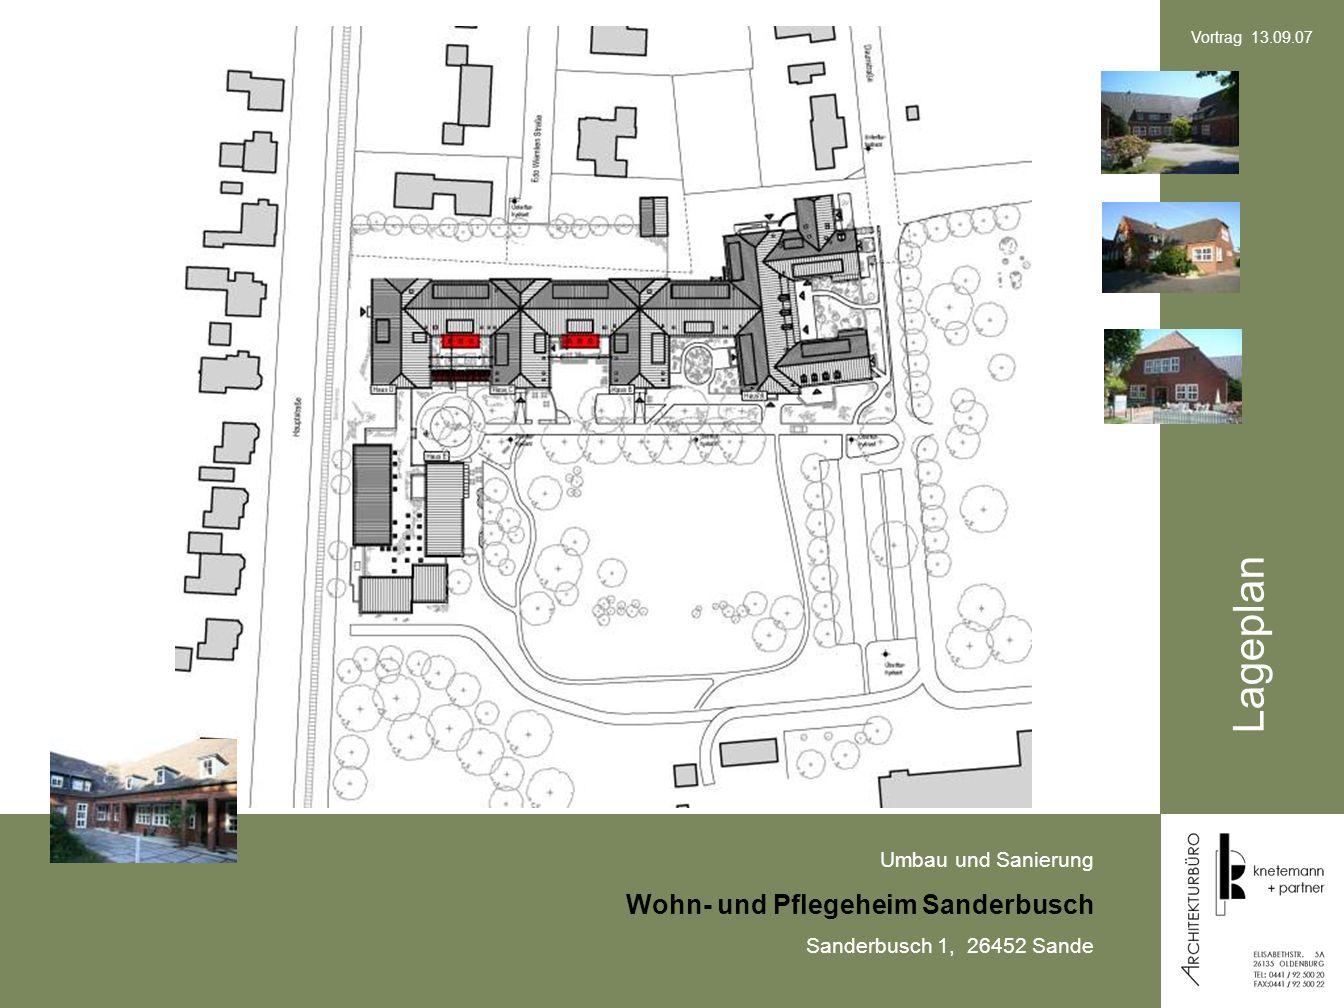 Umbau und Sanierung Wohn- und Pflegeheim Sanderbusch Sanderbusch 1, 26452 Sande Vortrag 13.09.07 Lageplan